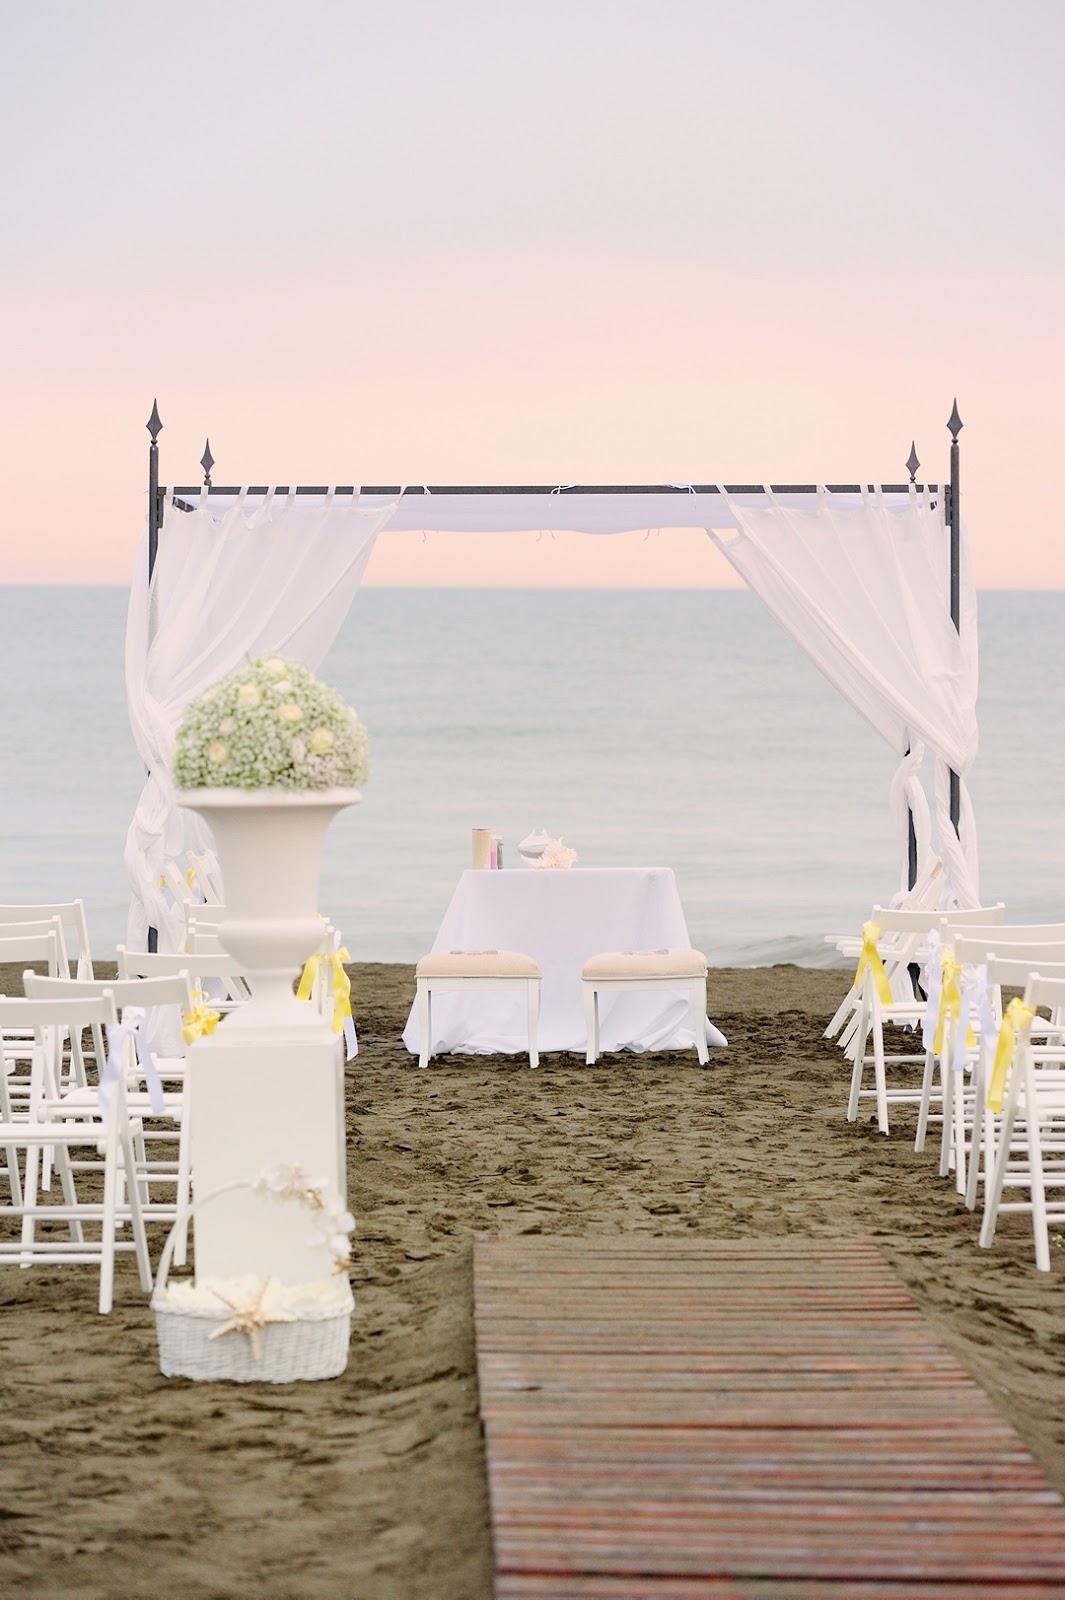 Matrimonio Spiaggia Venezia : Matrimonio in spiaggia female world il delle donne